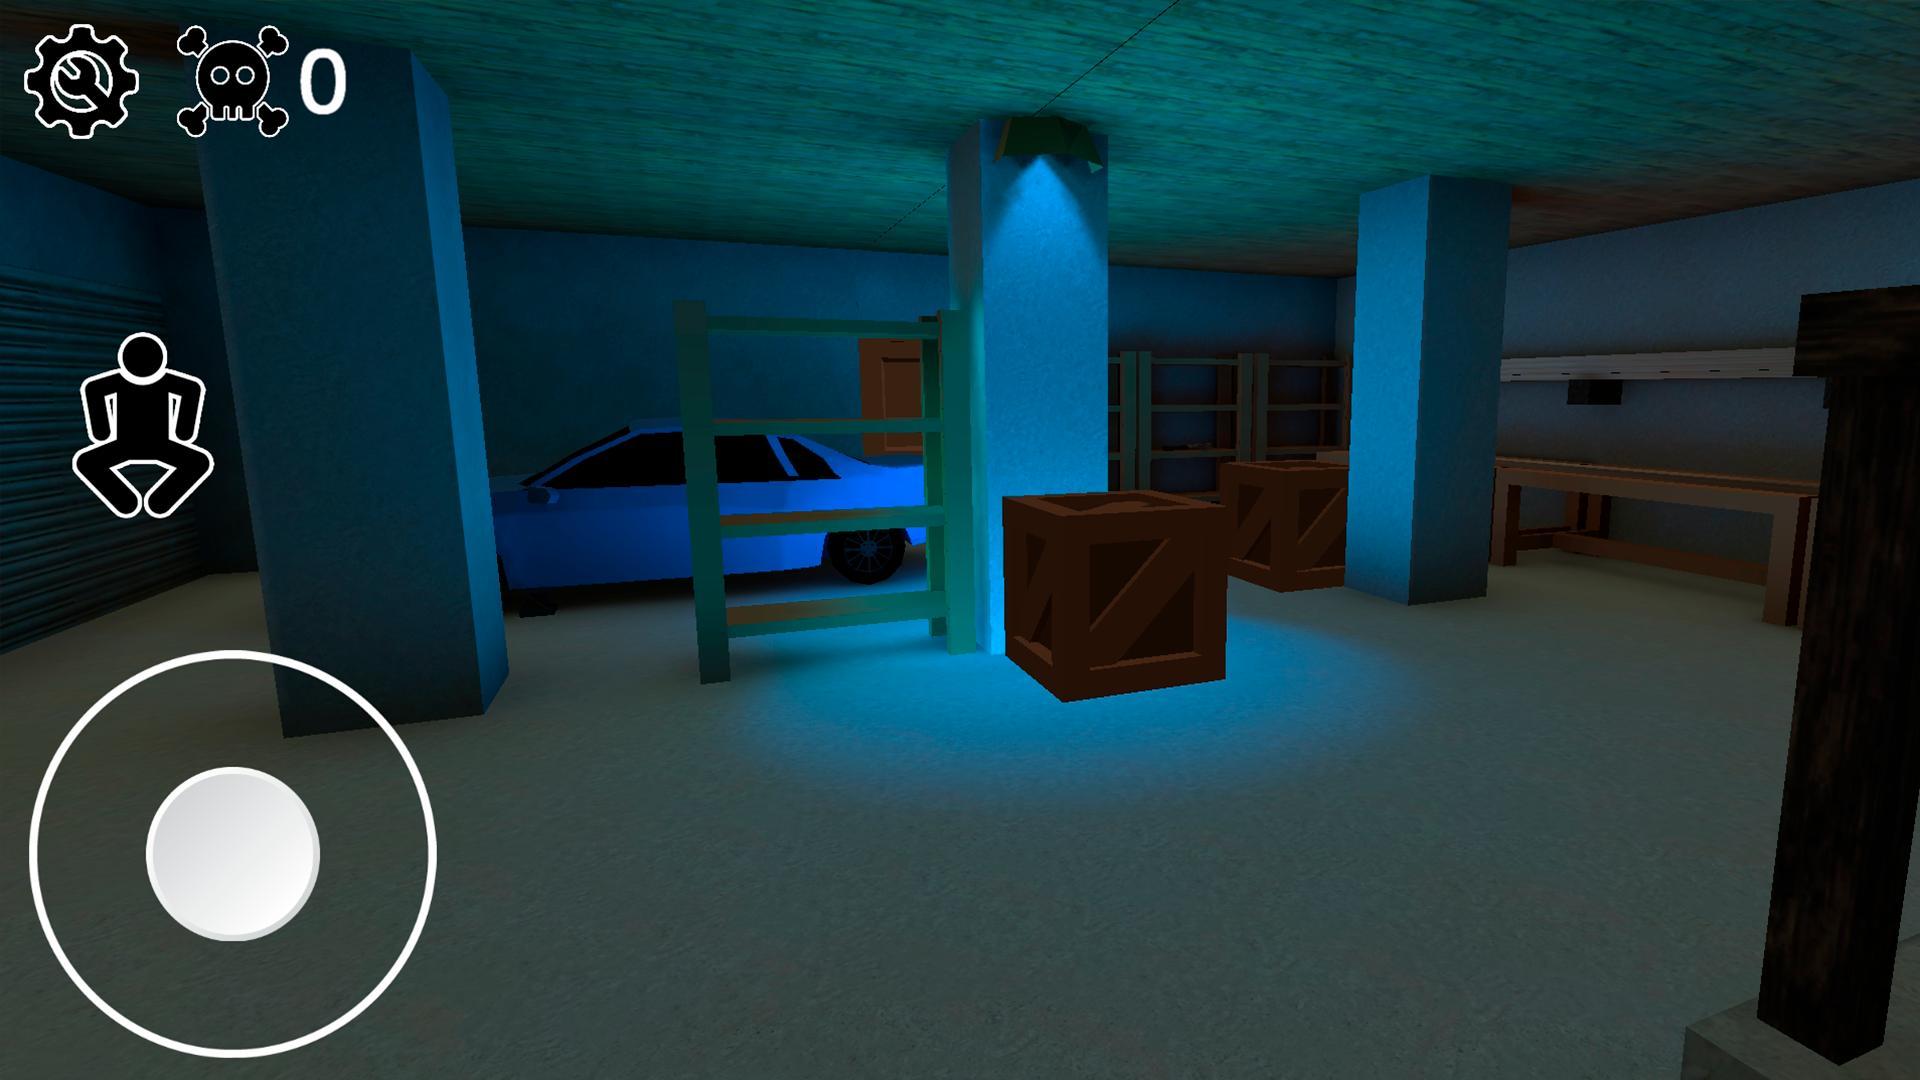 Grandpa And Granny House Escape 1.1.9 Screenshot 4